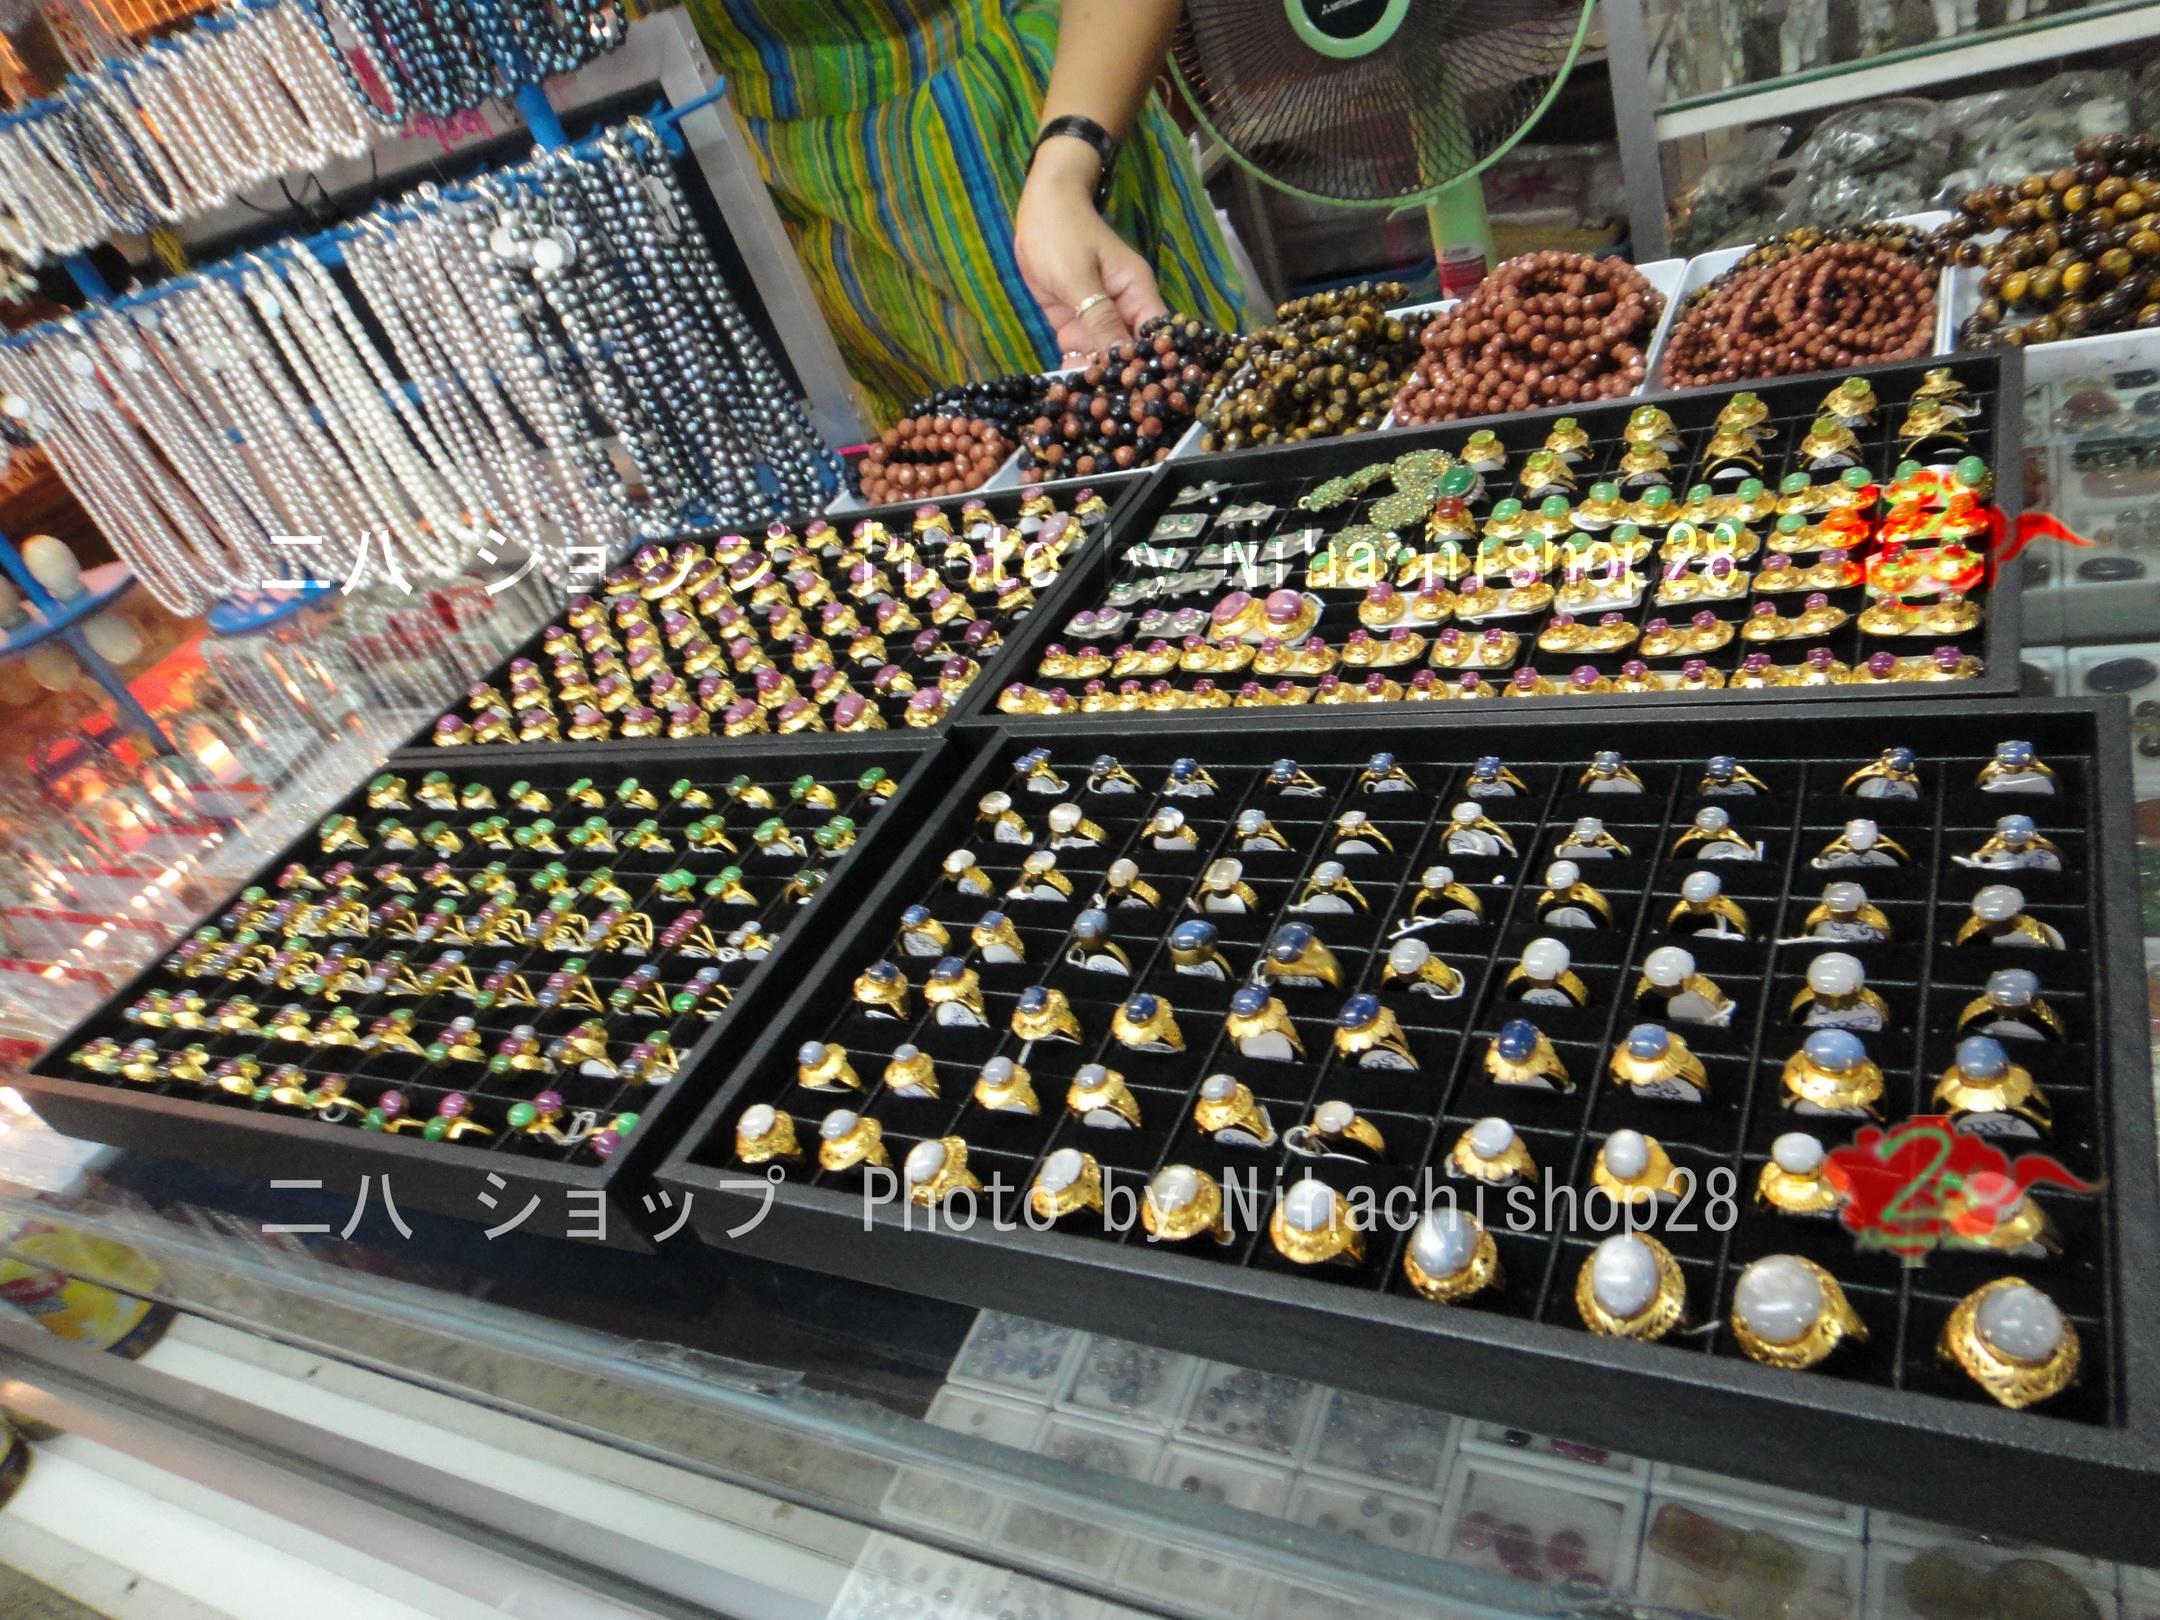 หัวแหวน,ทับทิม,ทับทิมพม่า,นิหร่า,มุกดาหาร,พลอยโอปอล,หยกเม็ดร่วง,ทับทิมเม็ดร่วง,ทับทิมพม่าเม็ดร่วง,หัวแหวนหยก,หัวแหวนหยกพม่า,หัวแหวนทับทิม,หัวแหวนทับทิมพม่า,หัวแหวนนิหร่า,หัวแหวนนิหร่าพม่า,หัวแหวนนิหร่าขาว,นิหร่าขาว,หยกธรรมชาติ,ไม่เผา,หัวแหวนโอปอล,หัวแหวนมุกดาหาร,พลอยดิบ,ct.,blue star sapphire,star sapphire,white star sapphire,ruby,Burma star sapphire,Burma ruby,stone,moon stone,gem stone,pill,stone pill,กะรัด,ขาย,ซื้อ,หลังเบี้ย,หลังเต่า,เจียร,มุกดาหาร,พลอยแดง,พลอยเขียว,พลอยน้าเงิน,พลอยขาว,พลอยม่วง,สีขาว,สีแดง,สีเขียว,สีม่วง,สีชมพู,สีบานเย็น,